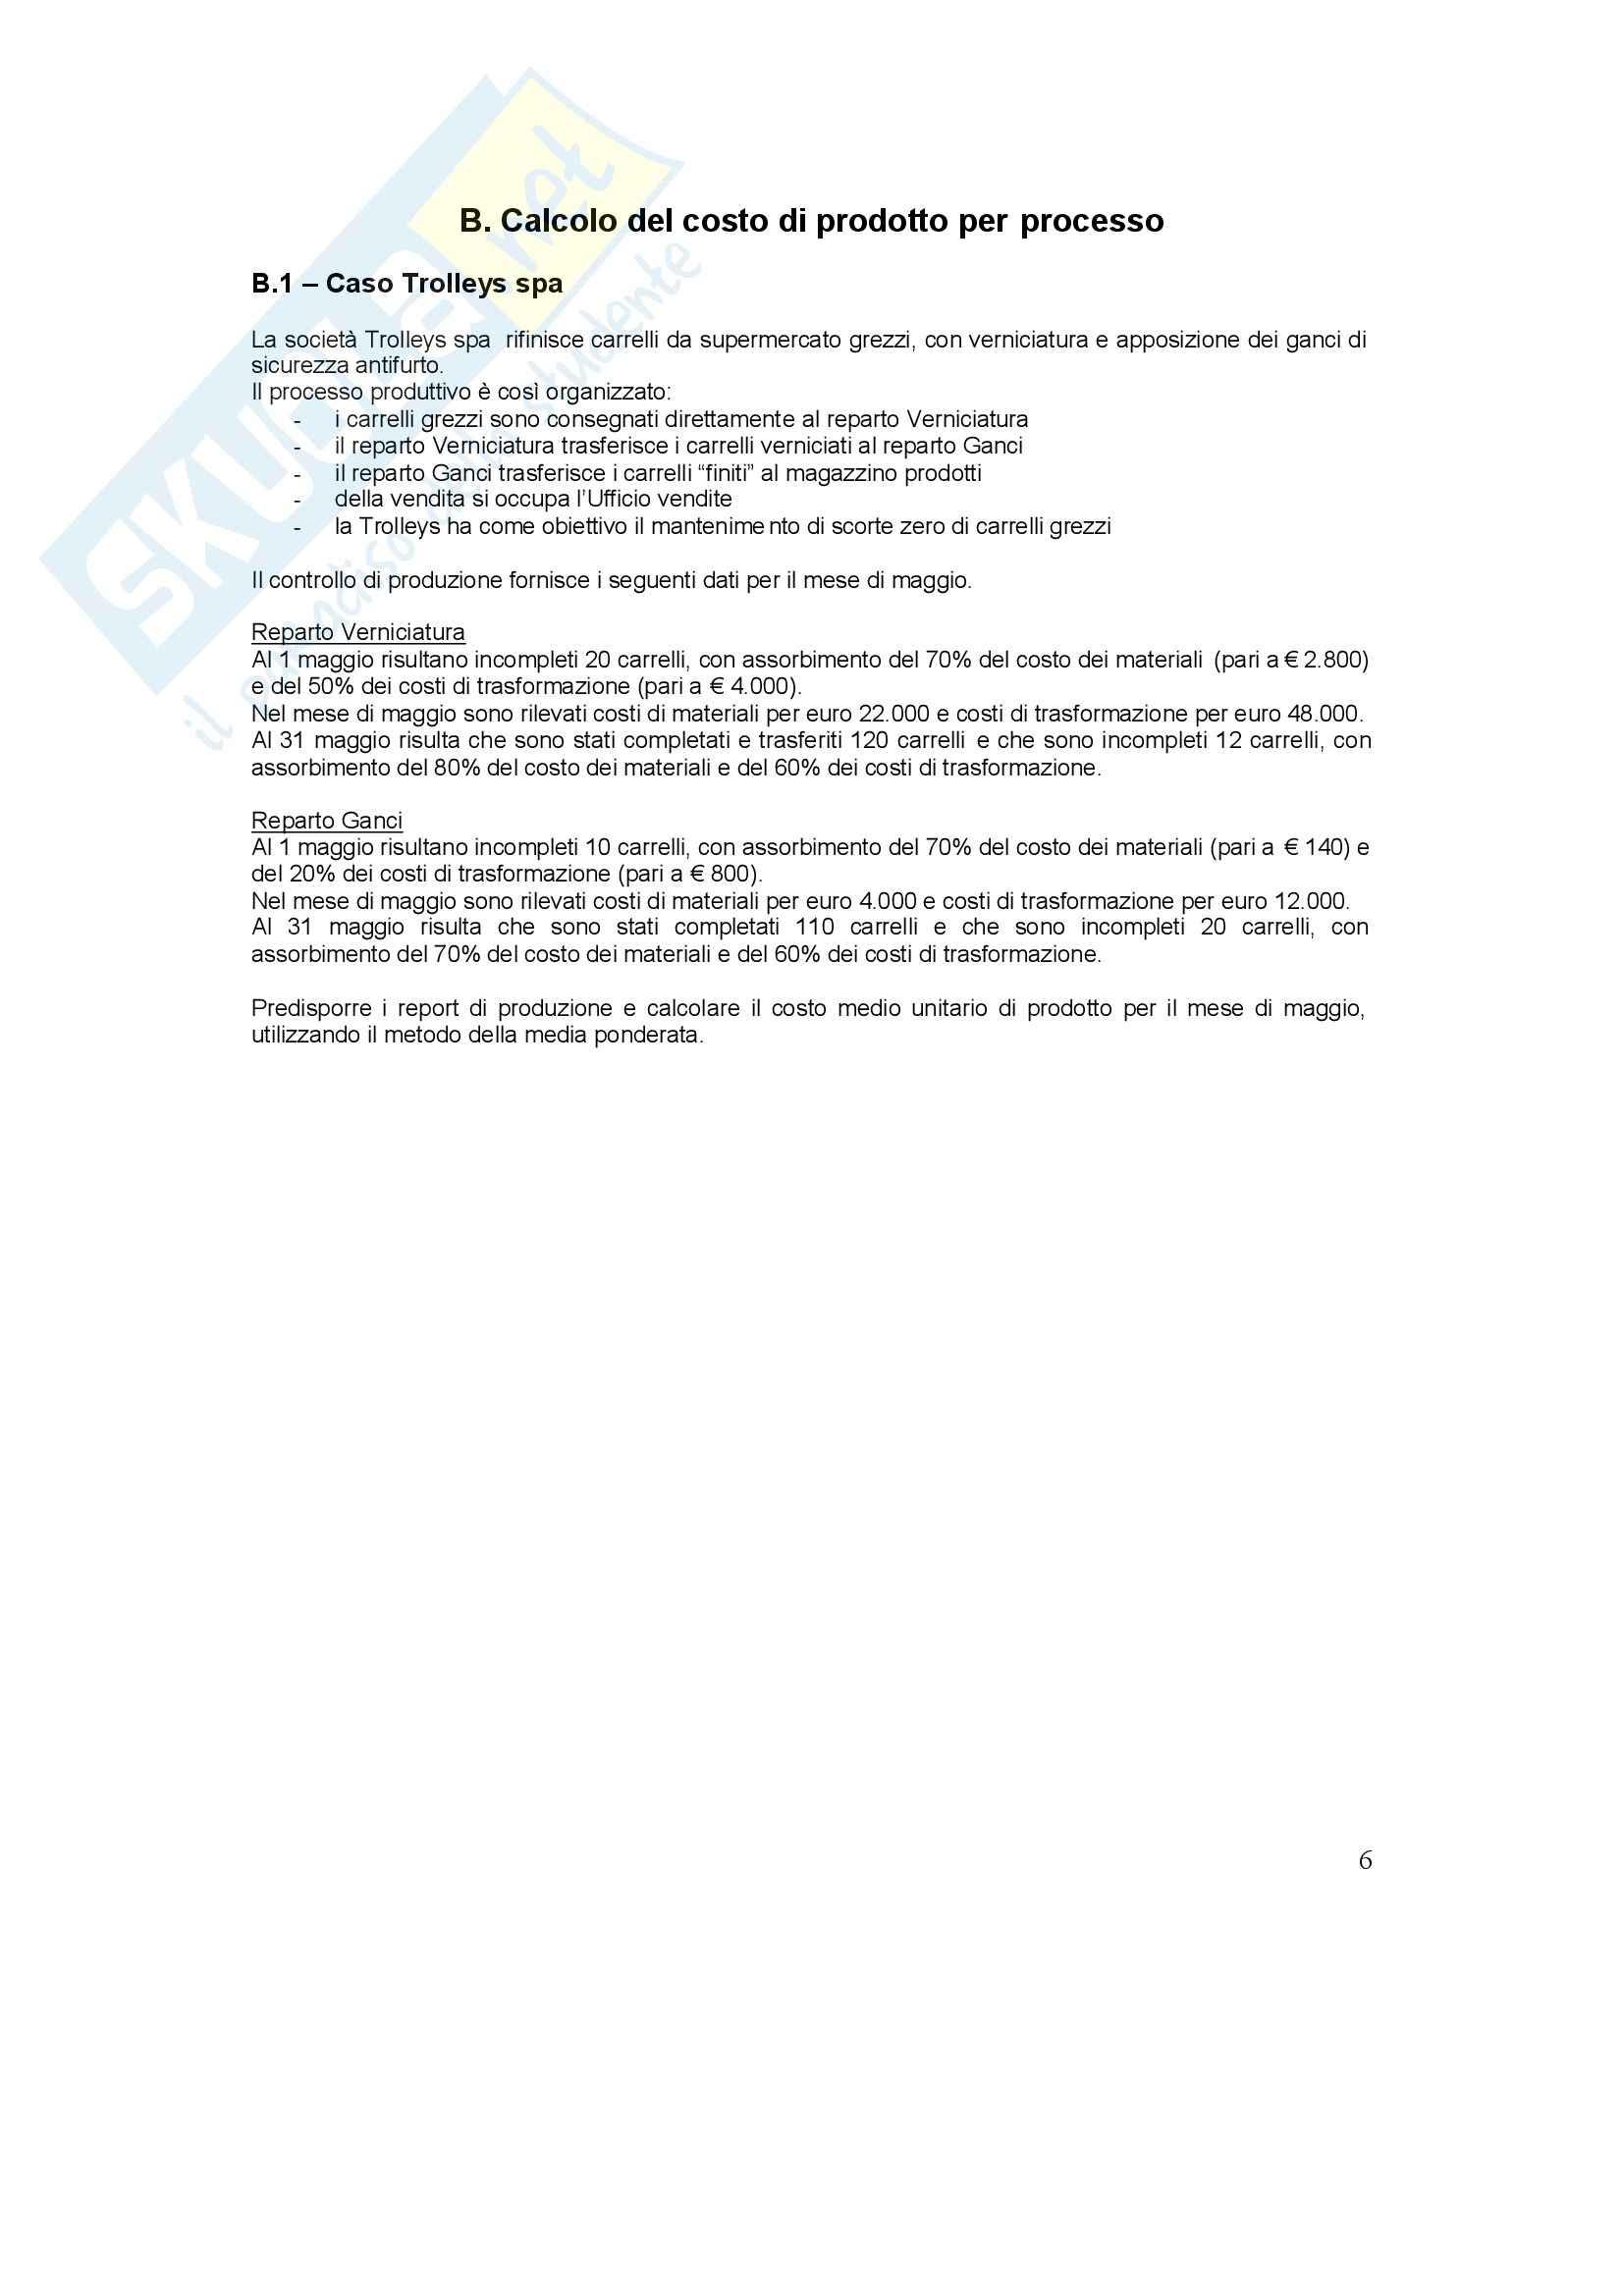 Conto economico - Esercizi Pag. 6